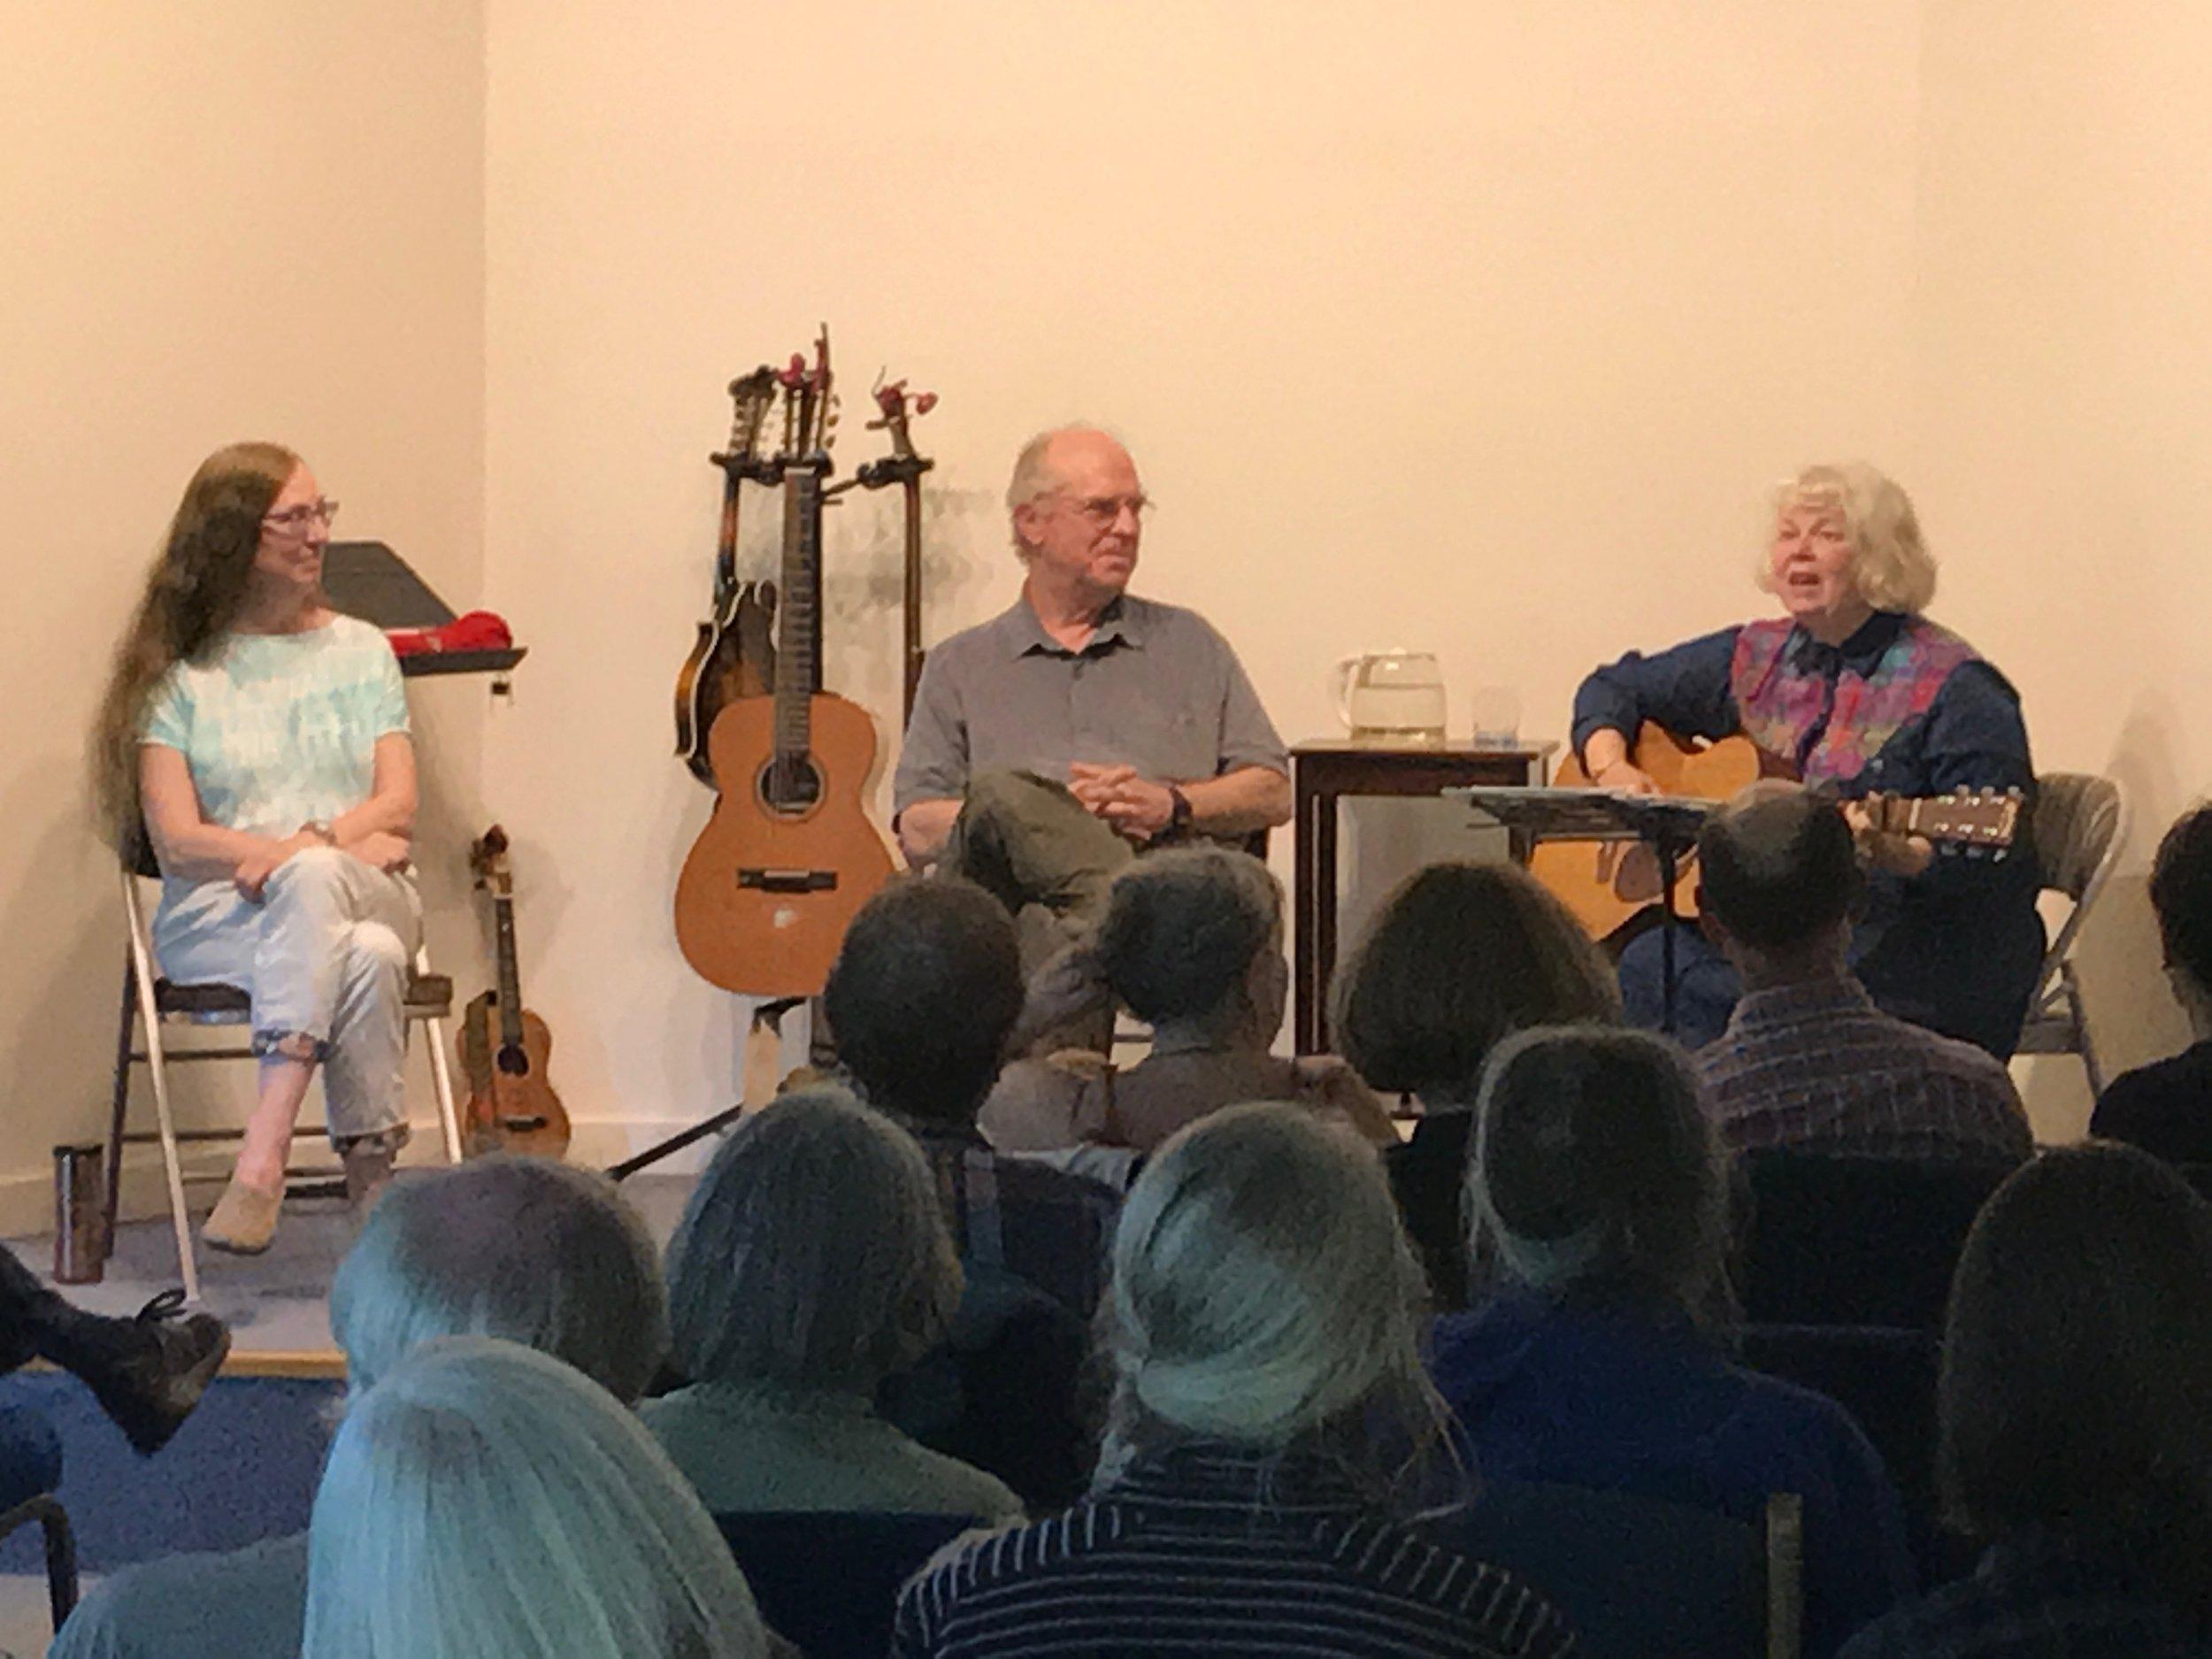 In concert with Tom Rawson and Ellen van der Hoeven, in Port Townsend.